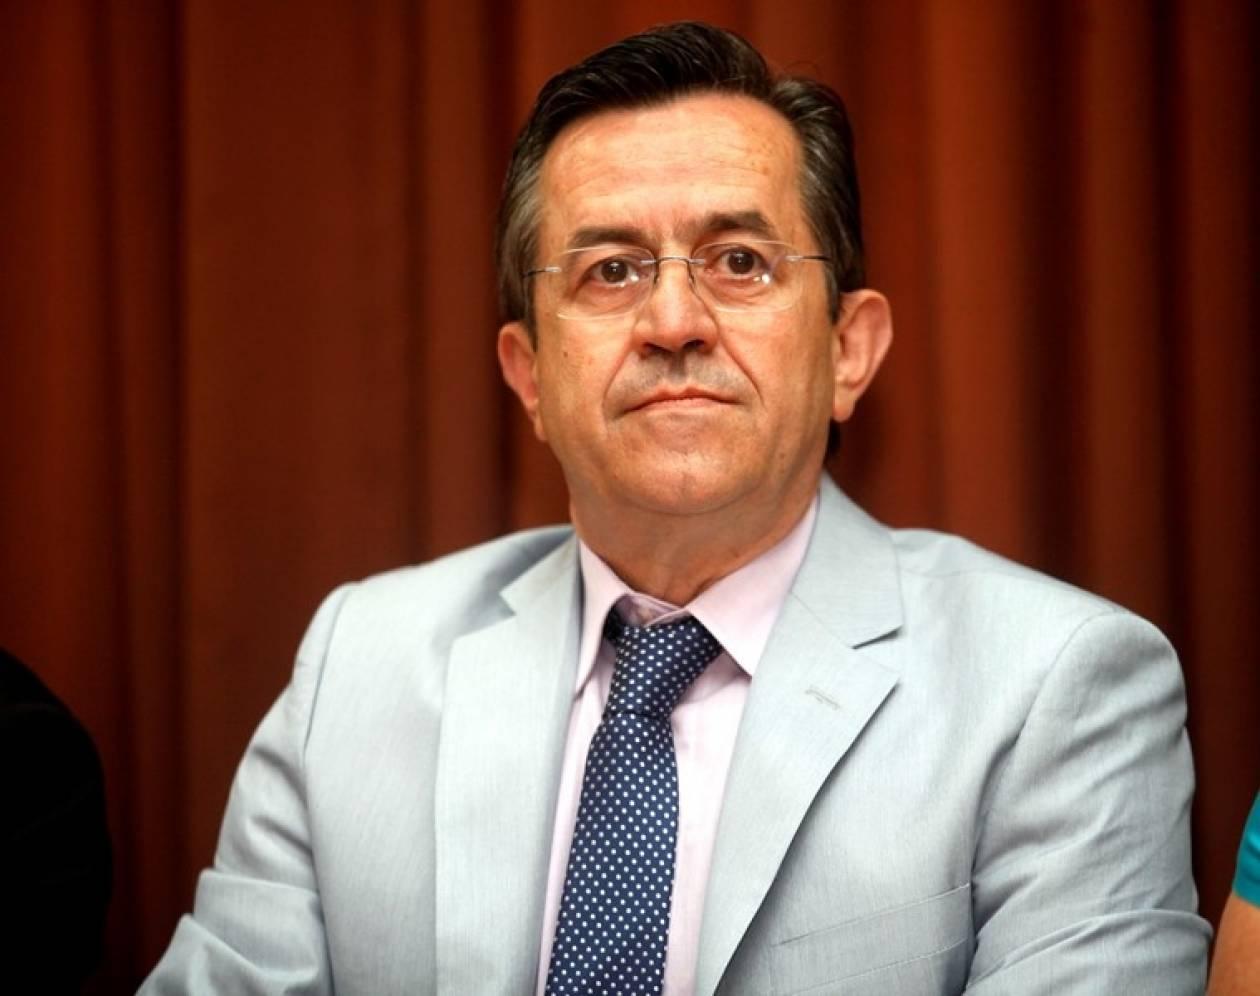 Ο Νίκος Νικολόπουλος υποψήφιος για την Περιφέρεια Αττικής;